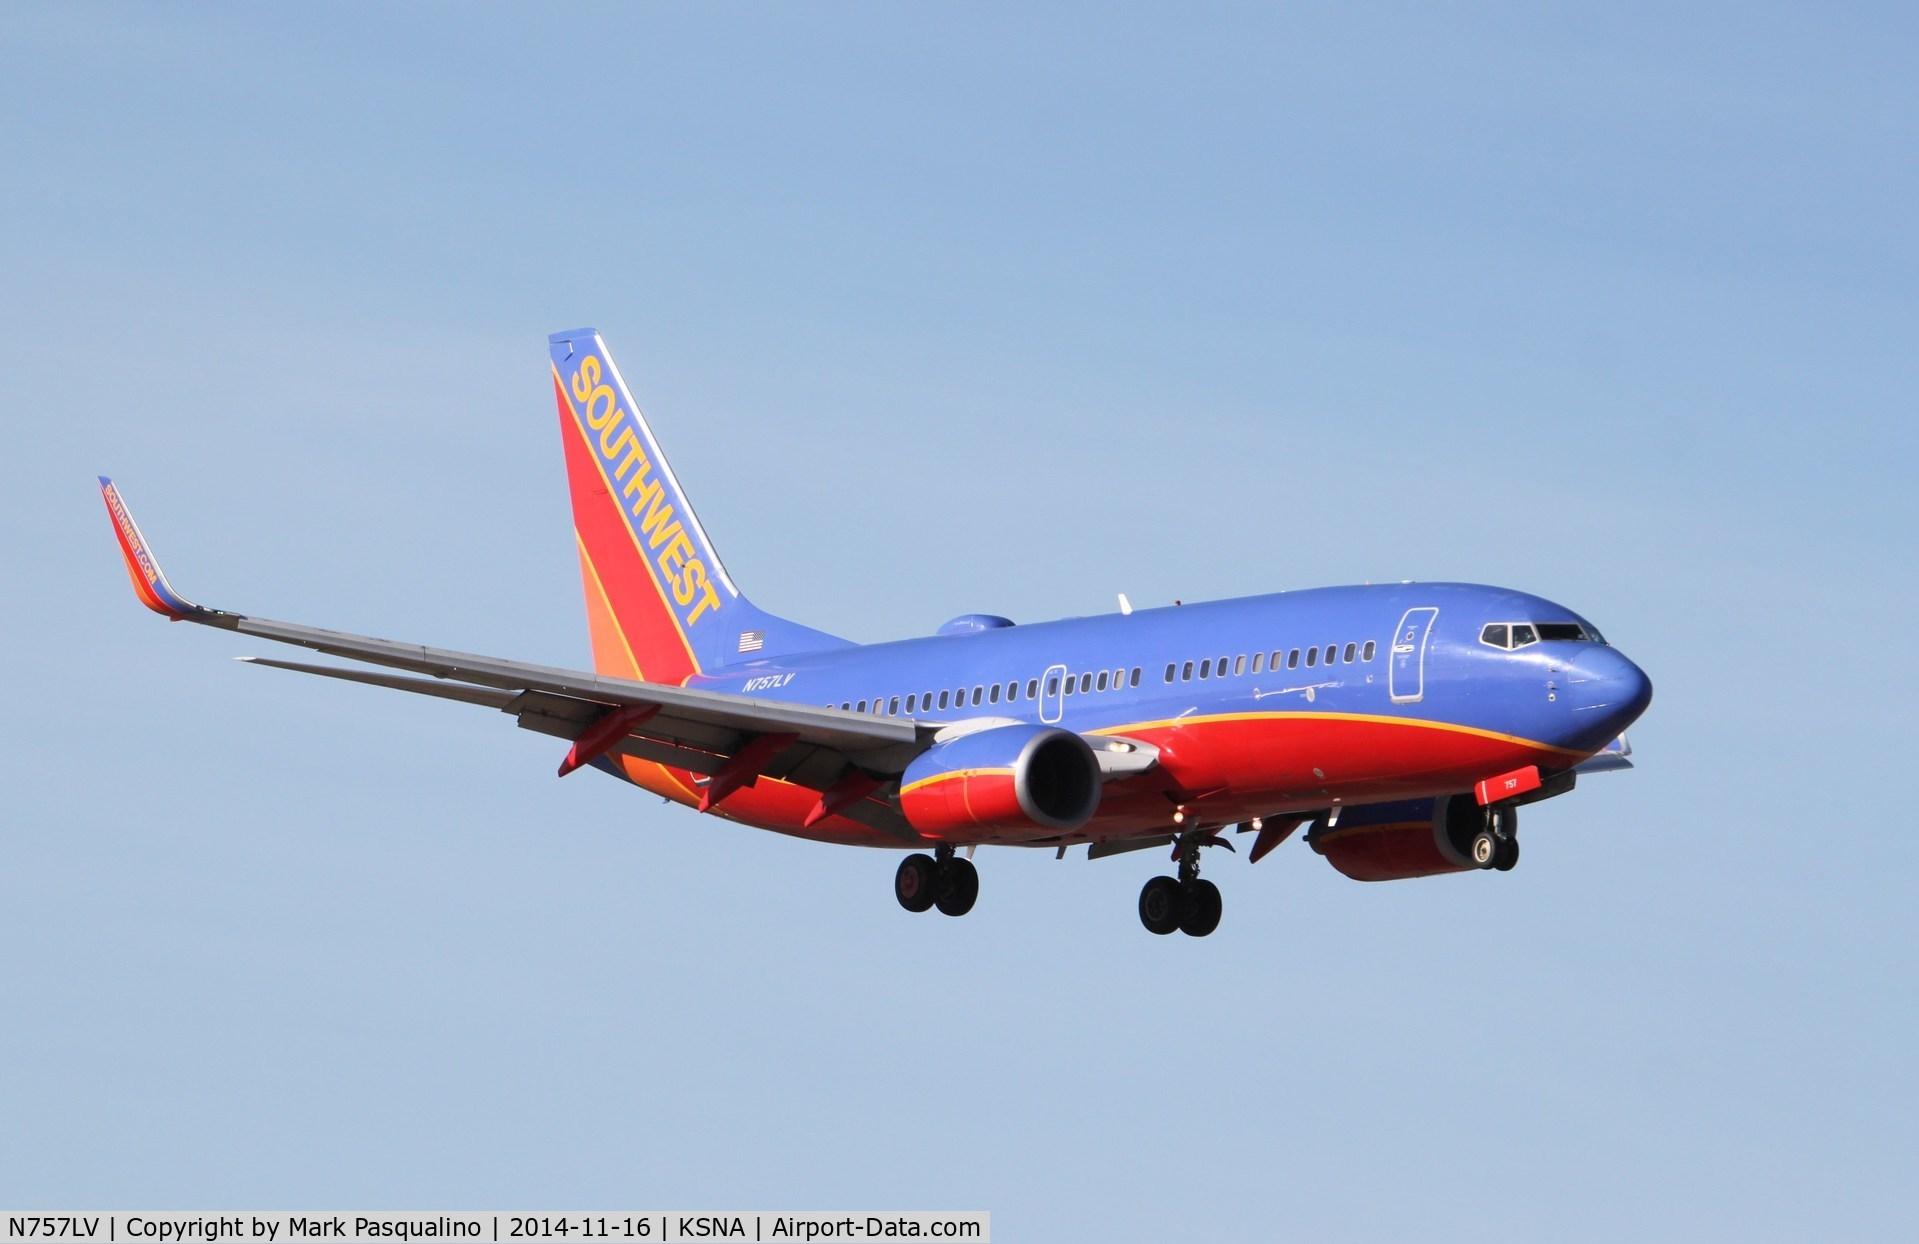 N757LV, 1999 Boeing 737-7H4 C/N 29850, Boeing 737-700